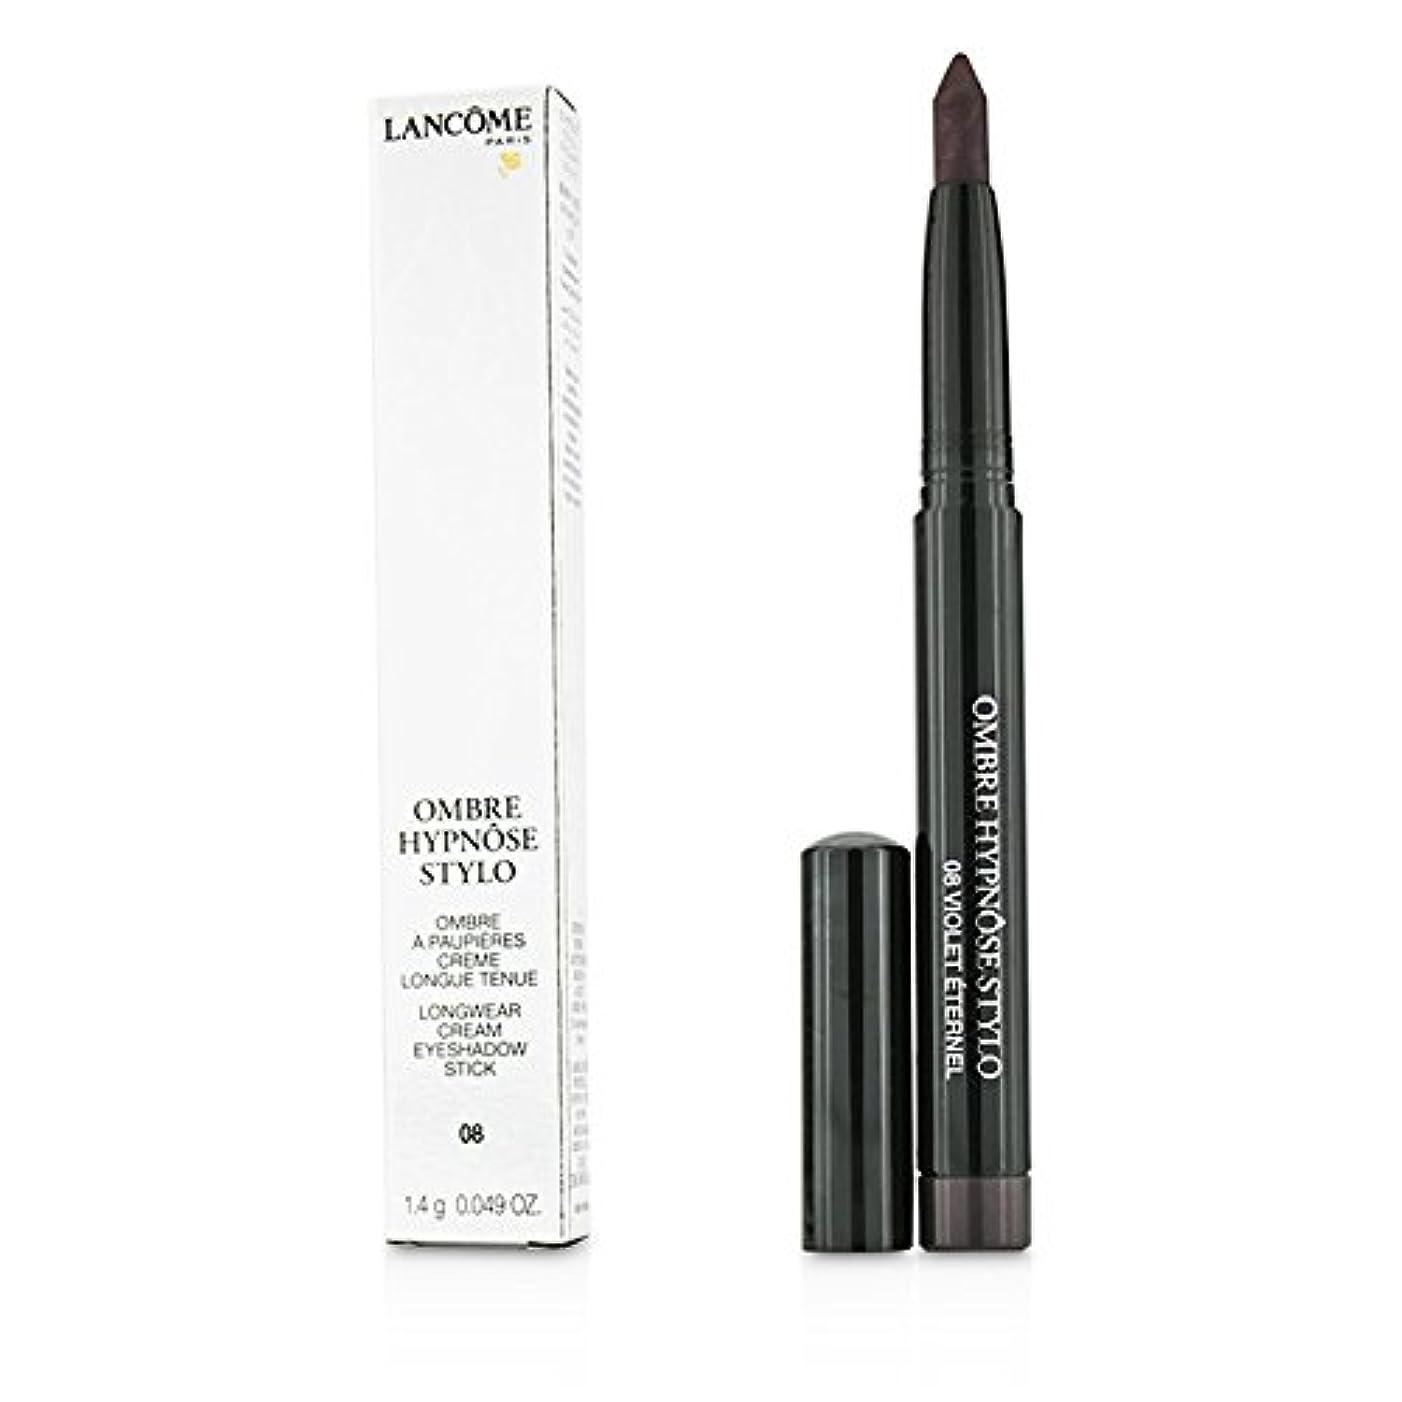 肥沃な鉄道駅そばにランコム Ombre Hypnose Stylo Longwear Cream Eyeshadow Stick - # 08 Violet Eternel 1.4g/0.049oz並行輸入品